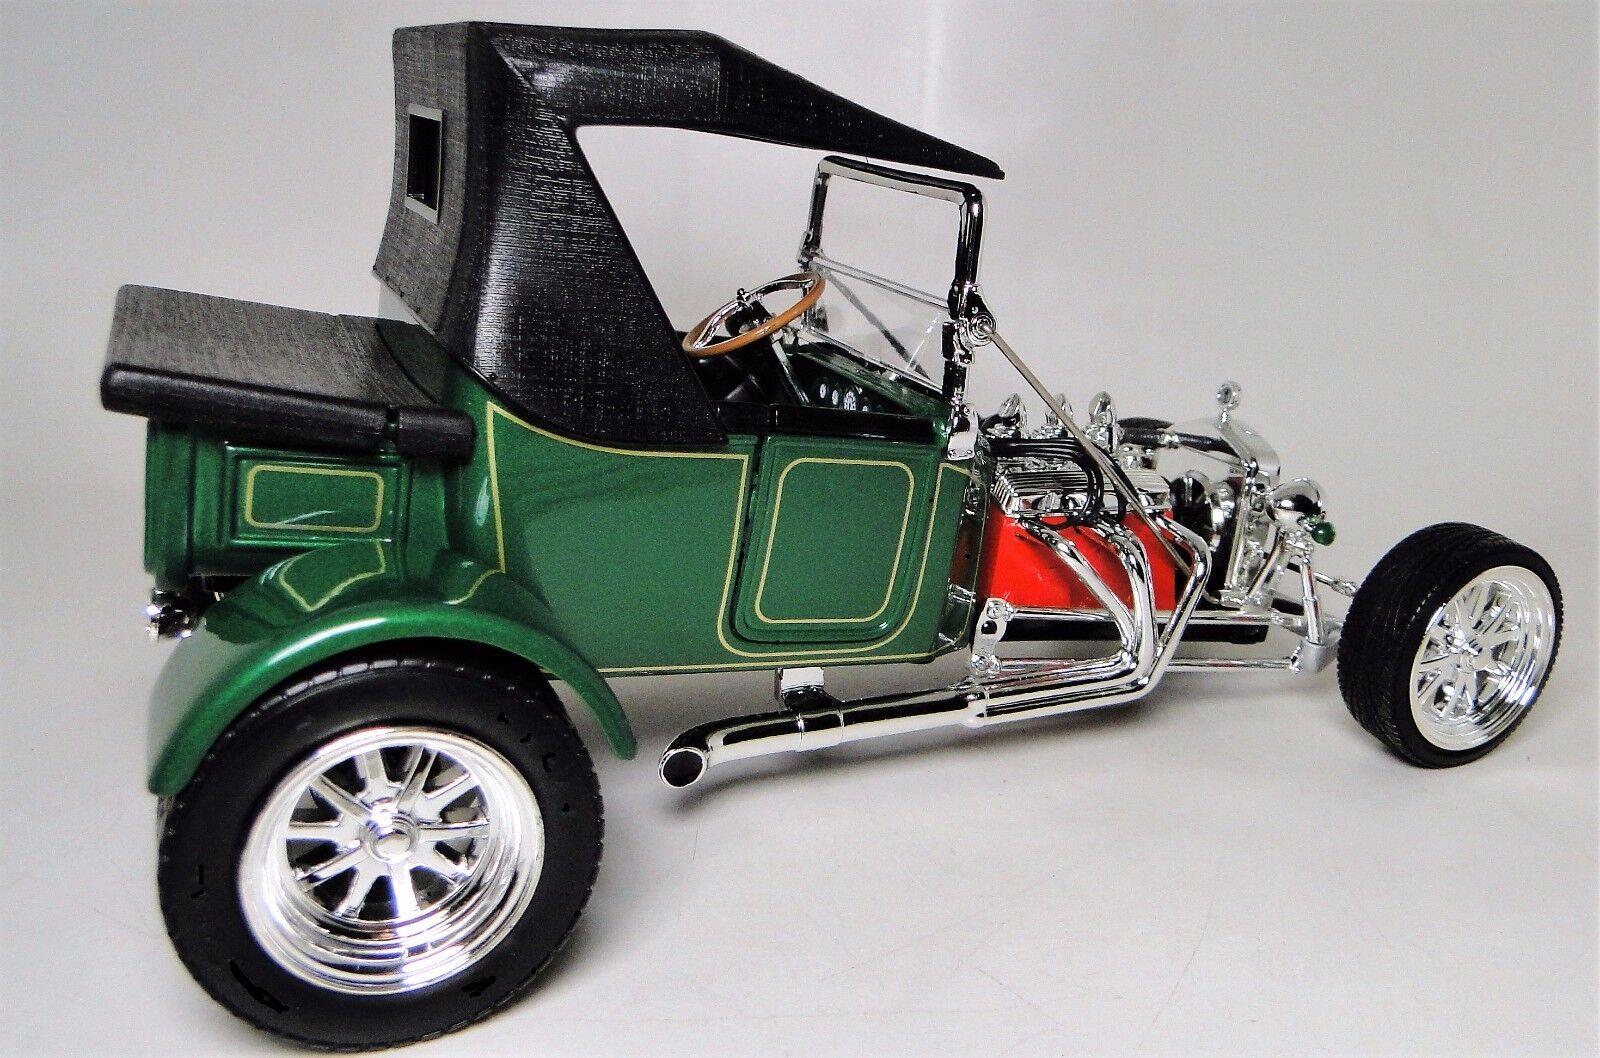 Dragster 1 Hot Rod Drag Race 1920s Car Car Car 24 Sport 12 w  1969 V8 Vintage Concept 18 d54294